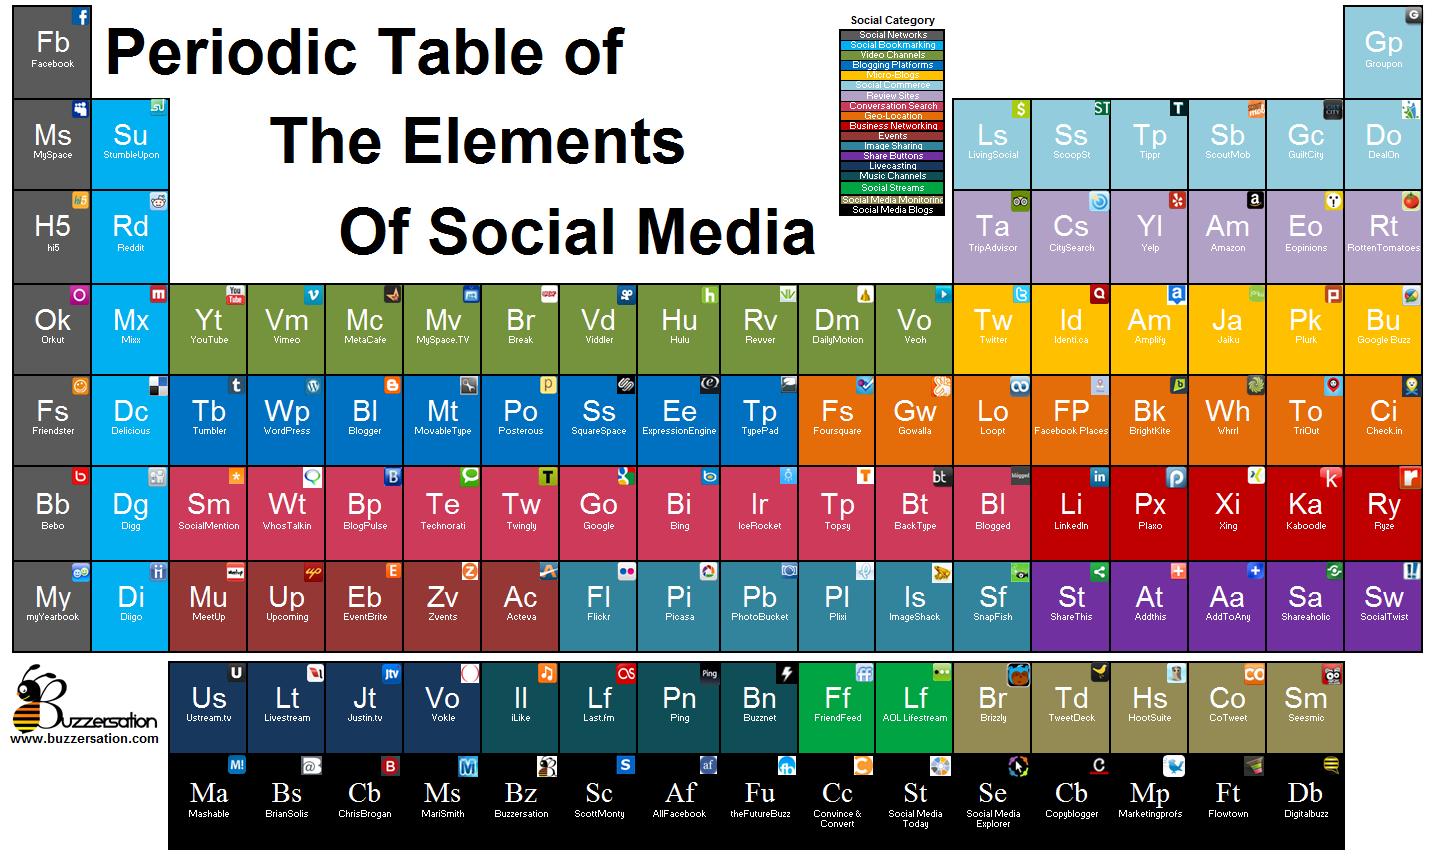 Tabla periodica de elementos de medios sociales social media tabla periodica de elementos de medios sociales urtaz Choice Image